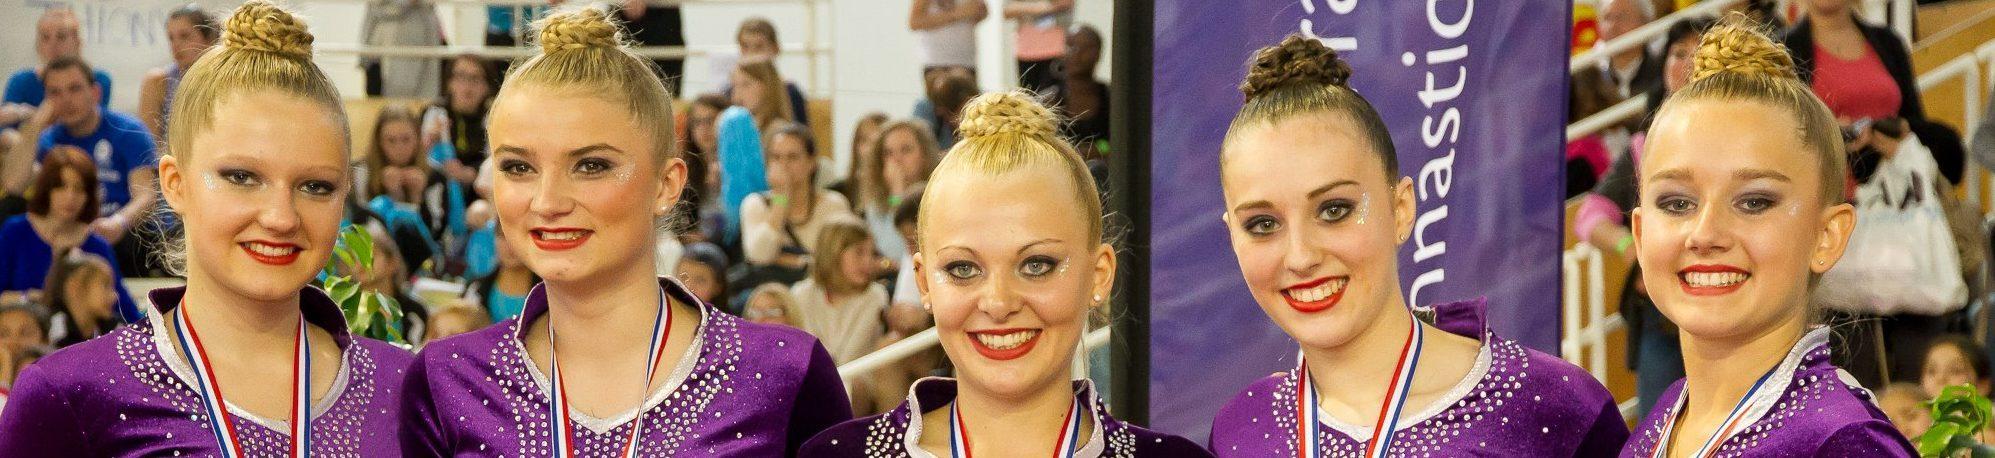 ESUPCOM' Lille soutient ses talents : Philomène CALLET, élève et Vice championne de France en Gymnastique Rythmique !